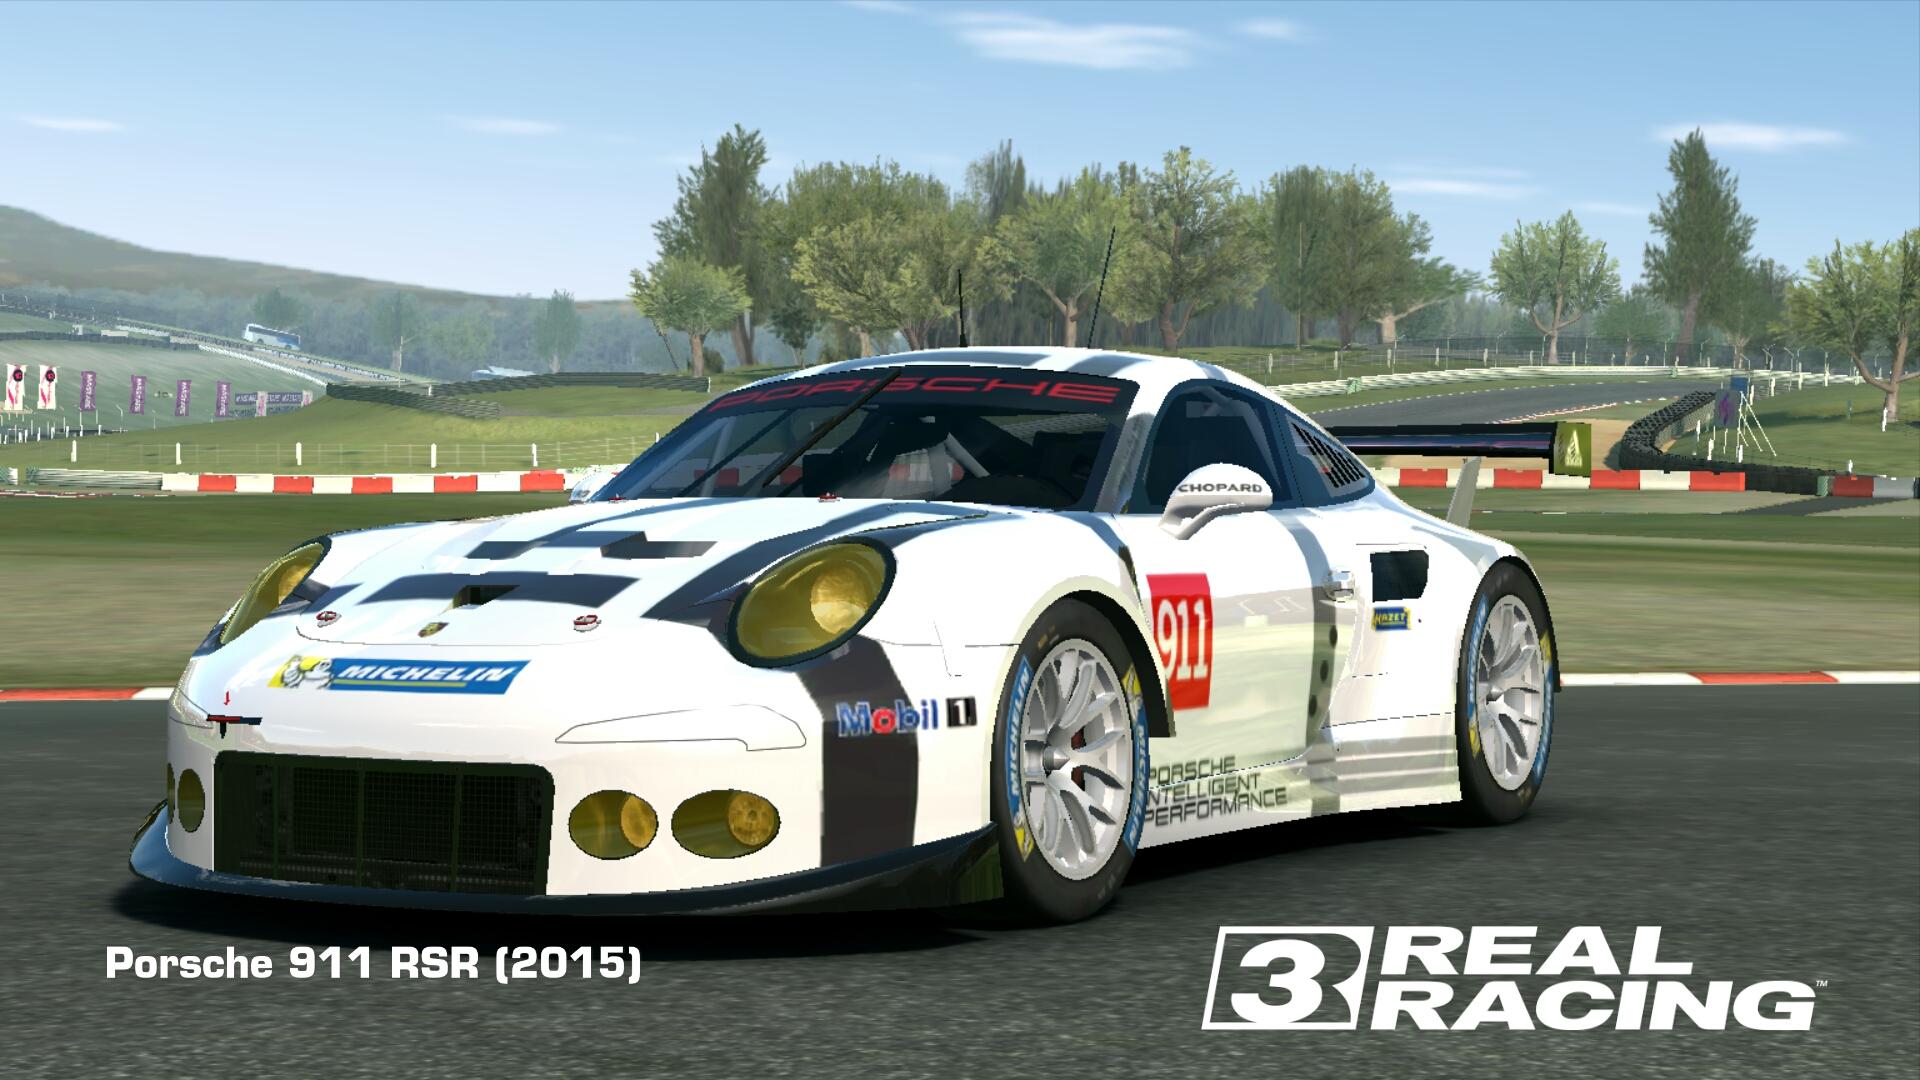 Showcase Porsche 911 RSR (2015)